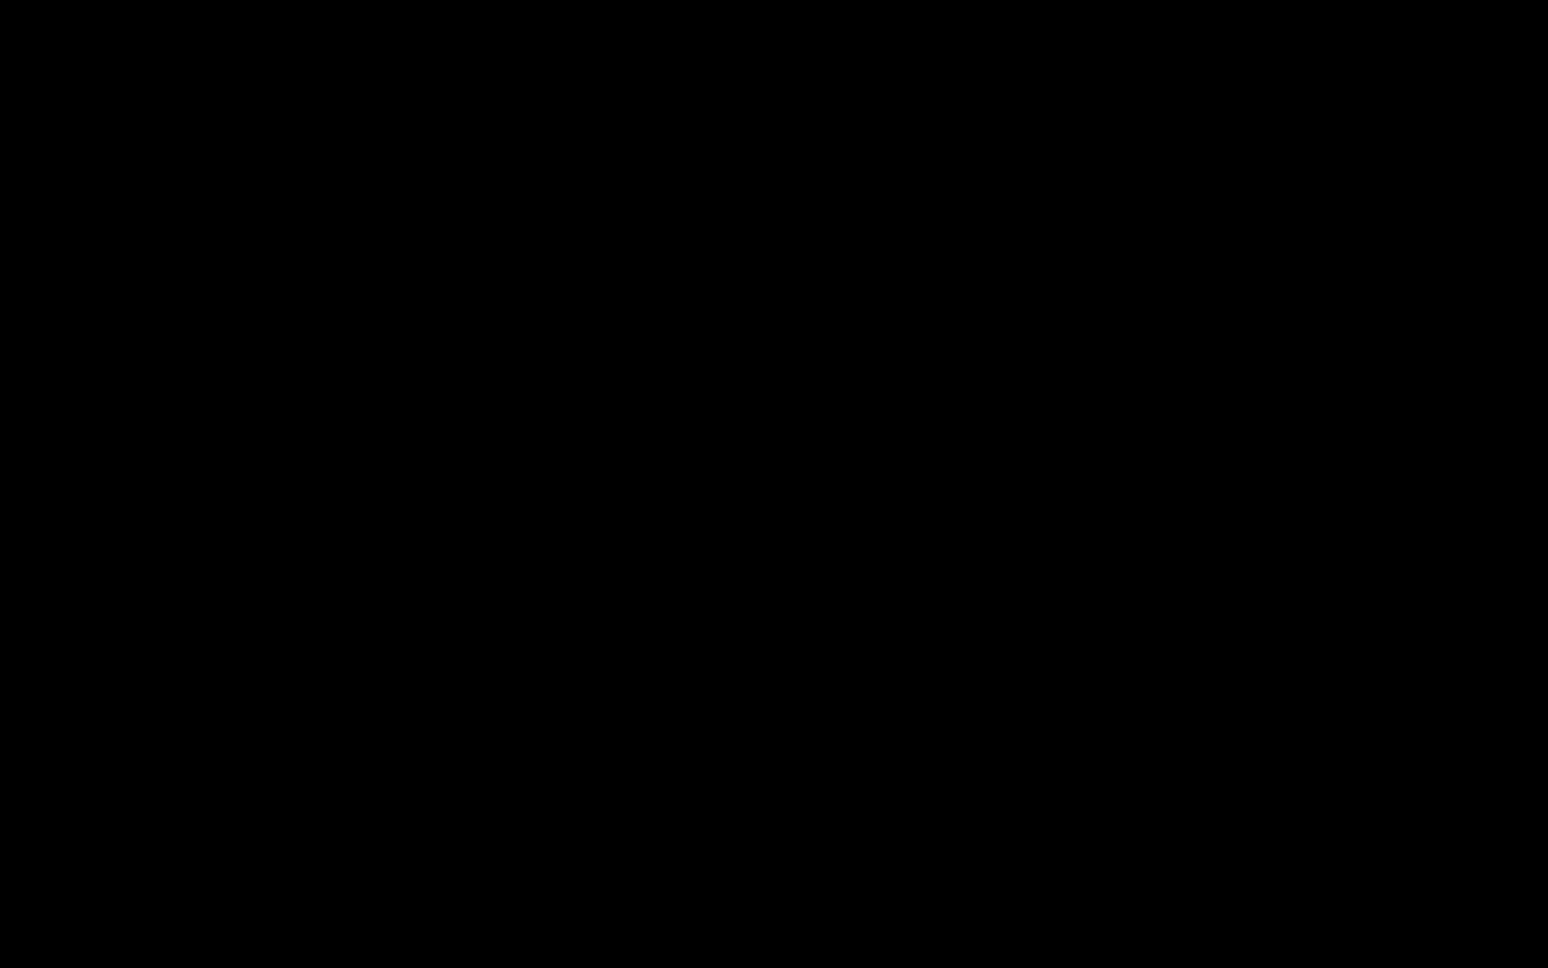 Dansyl-<sup>13</sup>C<sub>2</sub>-amidoethyl methanethiosulfonate